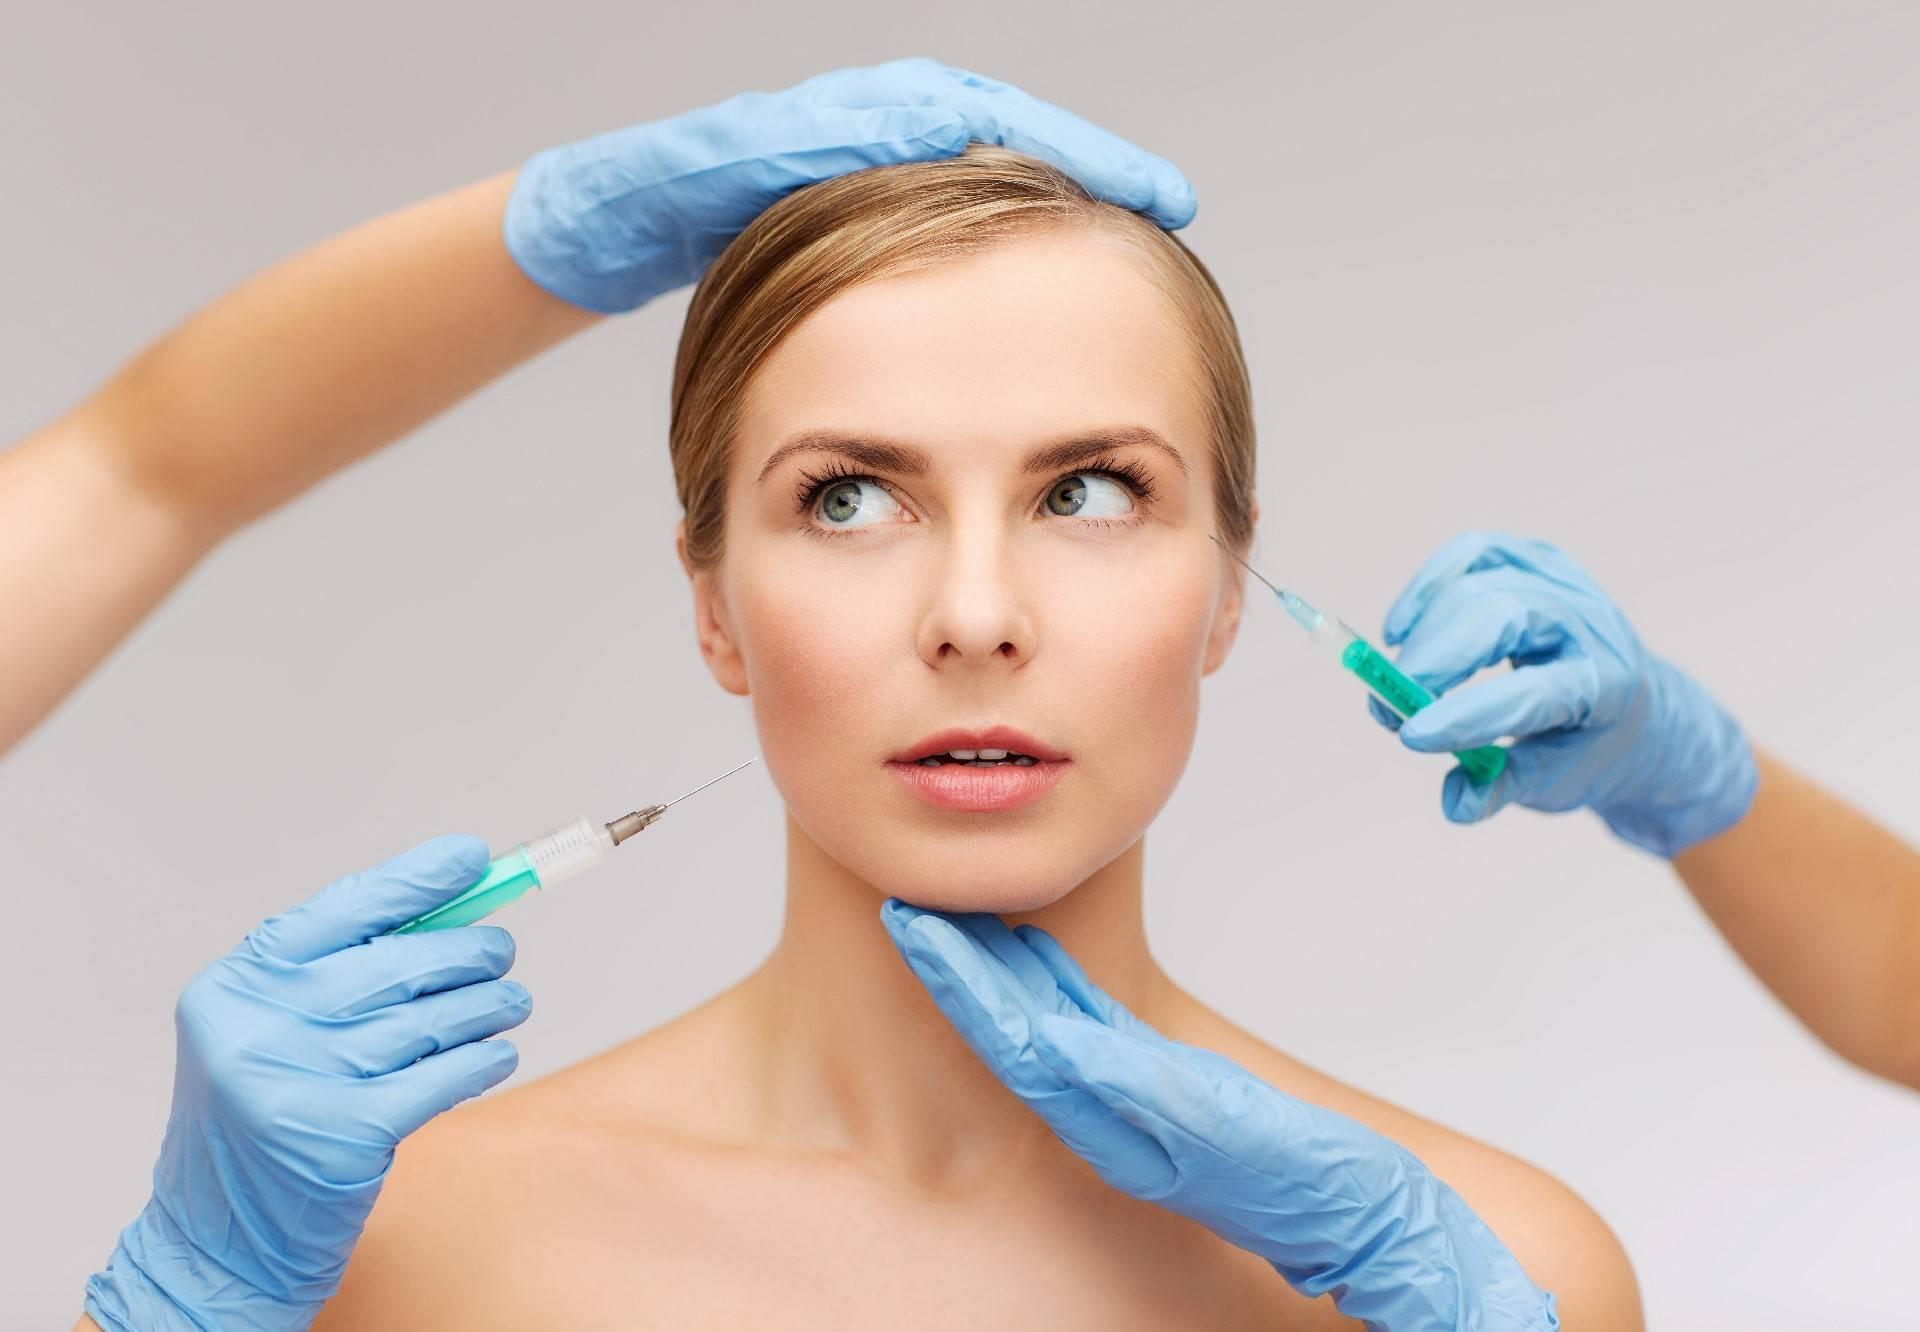 Мезотерапия и пилинг – что лучше и эффективнее, и какие еще 9 омолаживающих процедур выбирают девушки как альтернативу мезококтейлям